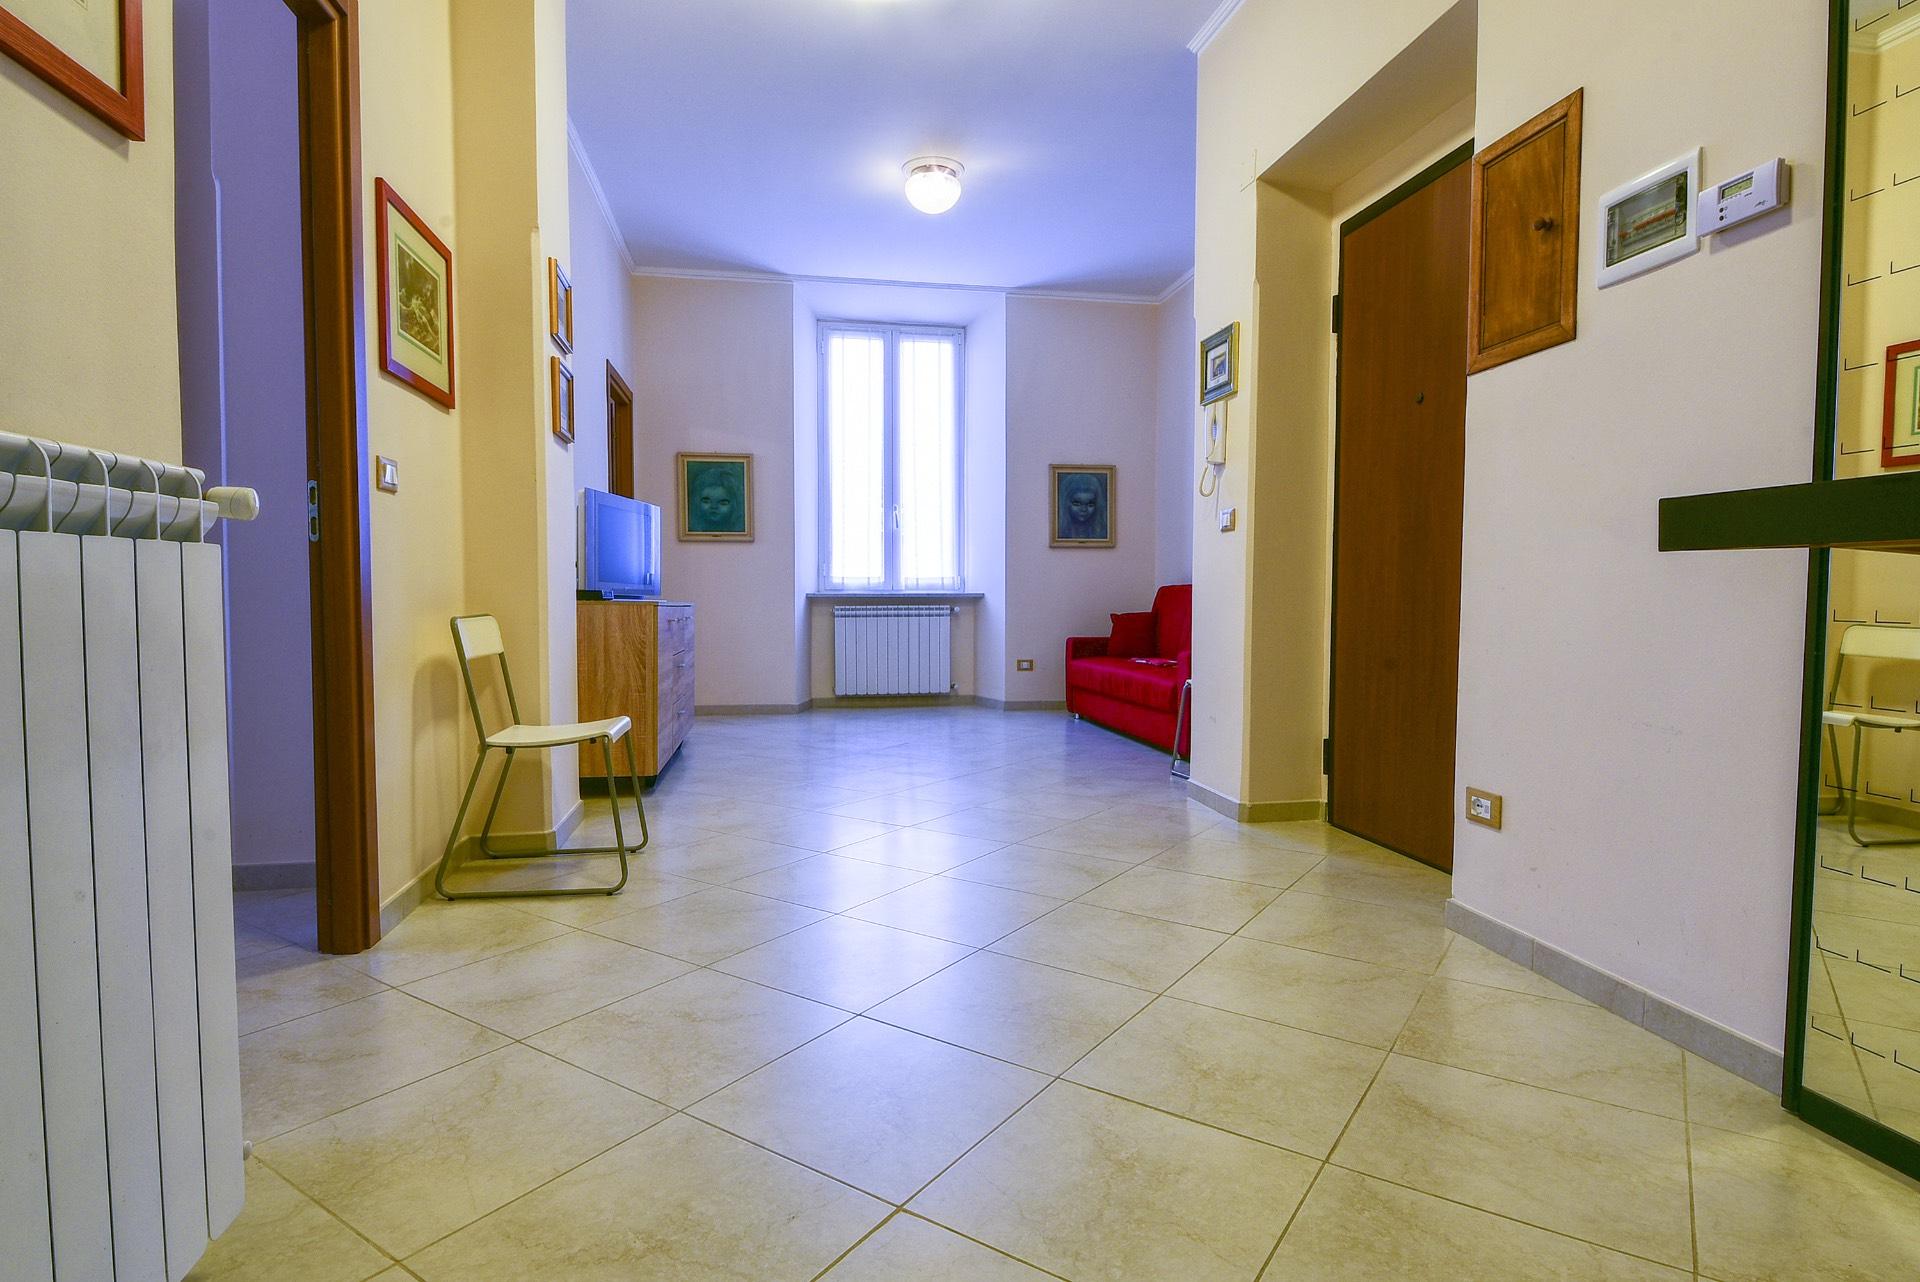 Appartamento in vendita a Varazze, 3 locali, zona Località: Varazze, prezzo € 360.000 | PortaleAgenzieImmobiliari.it